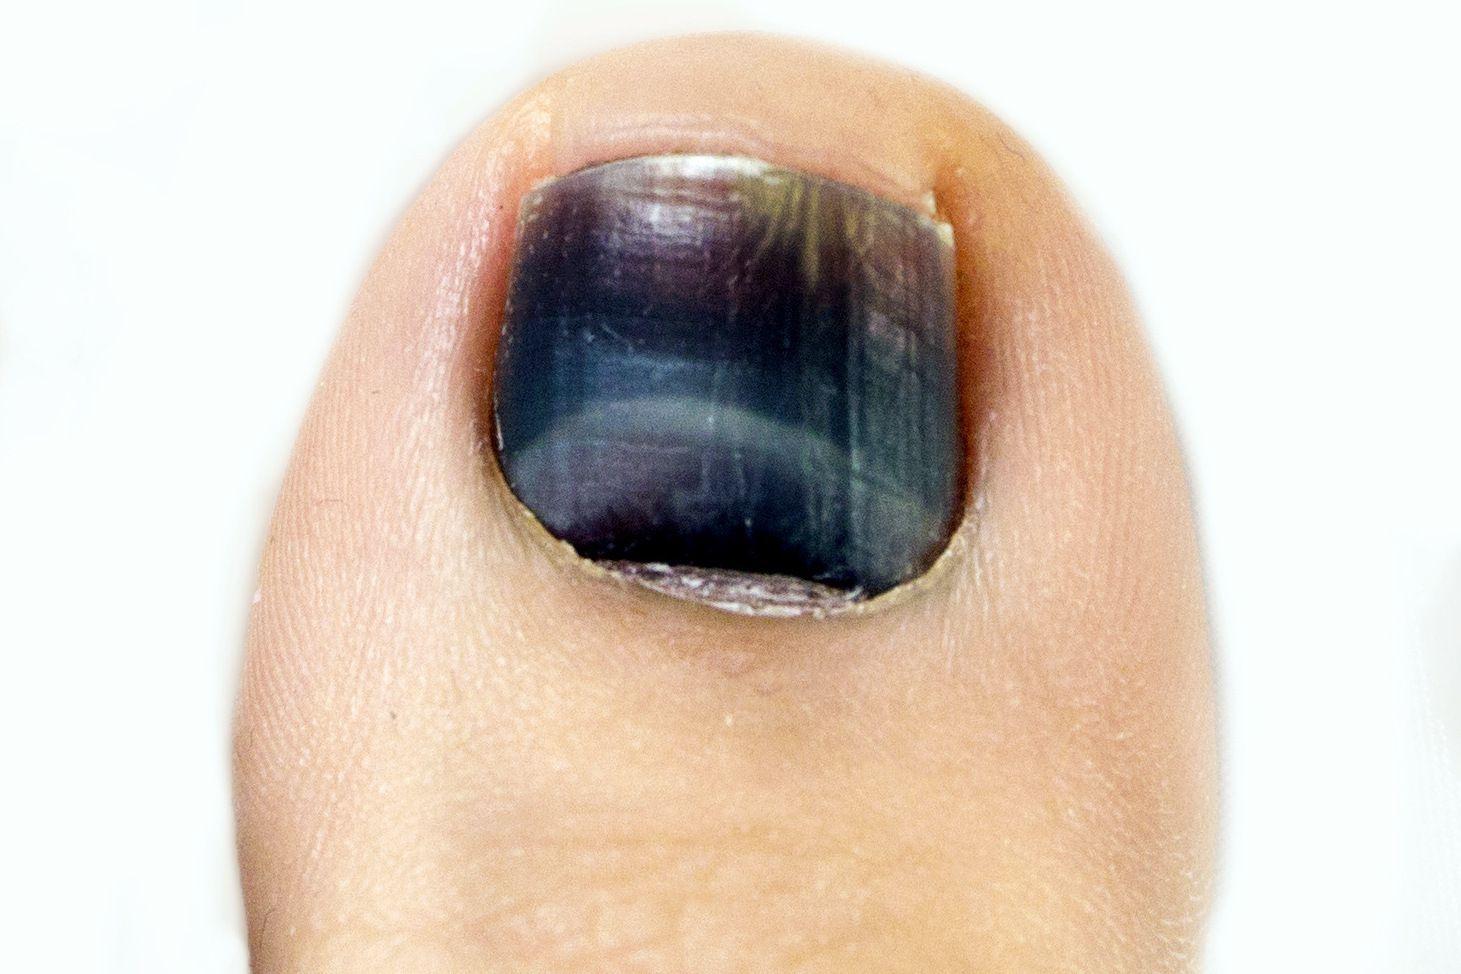 Black Toenails From Running or Walking